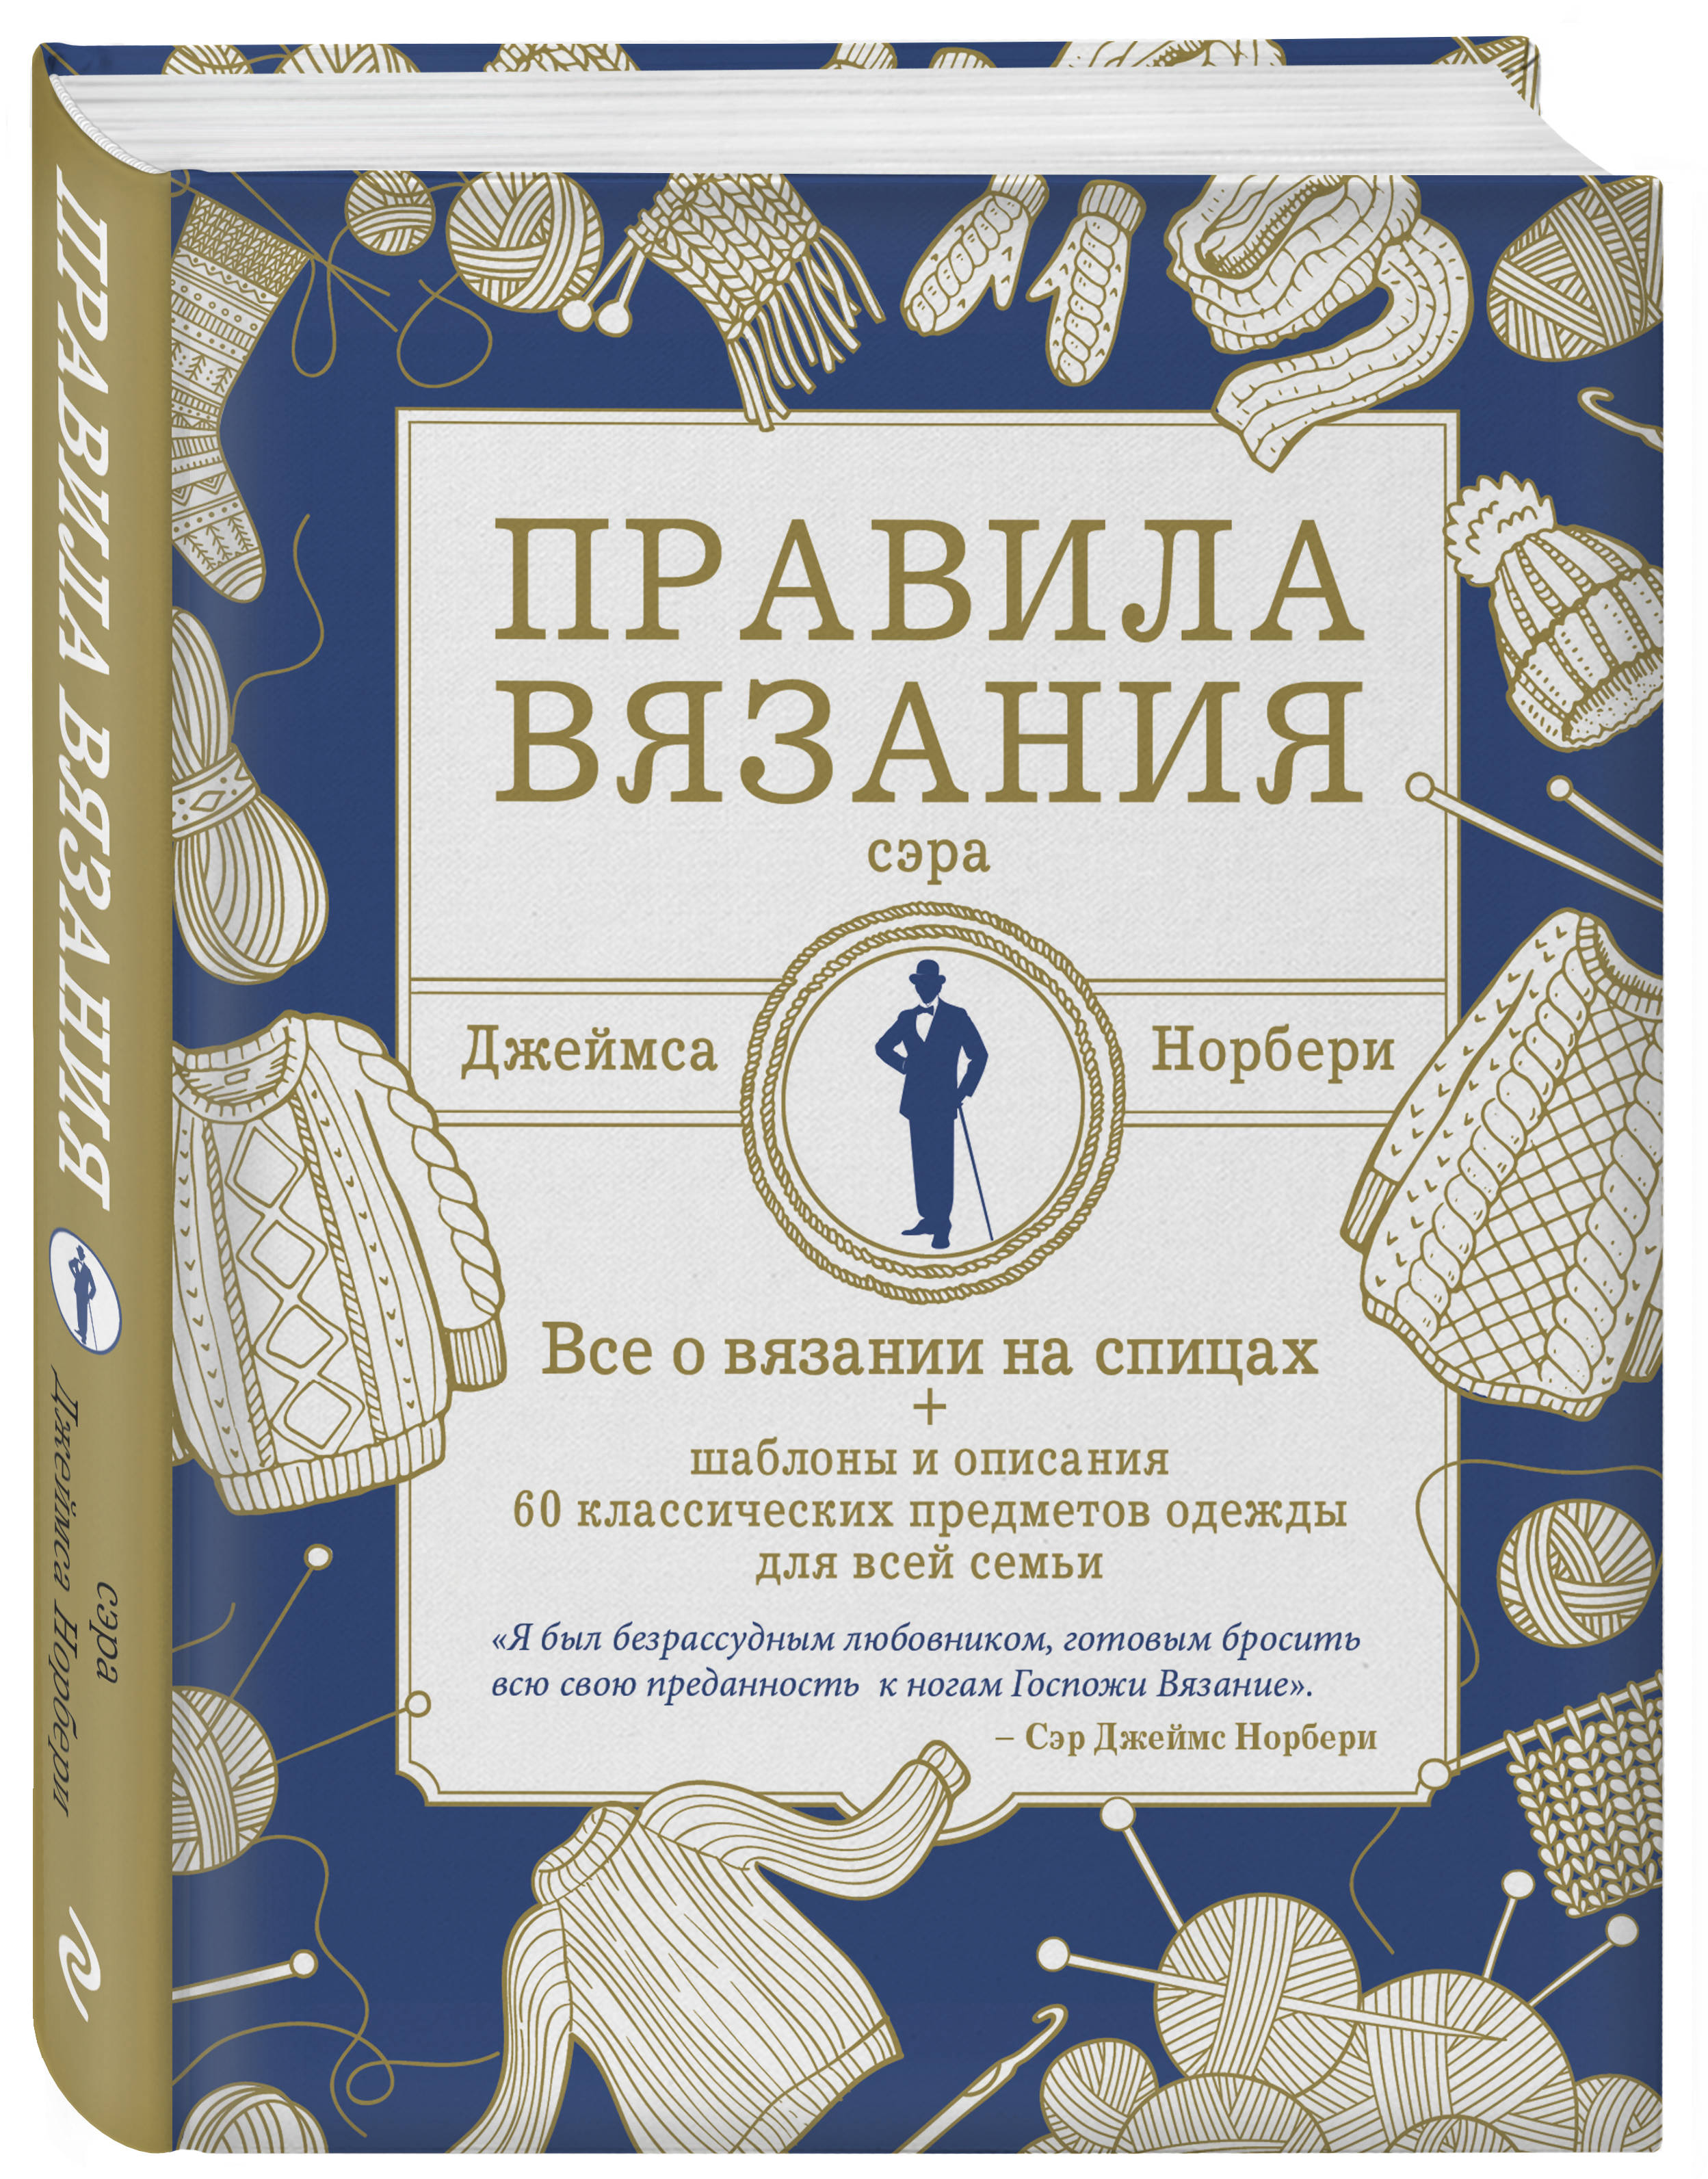 Книга по вязанию на все времена (у.н.) ISBN: 978-5-04-095073-7 анна волкова книга имен isbn 978 5 17 073826 7